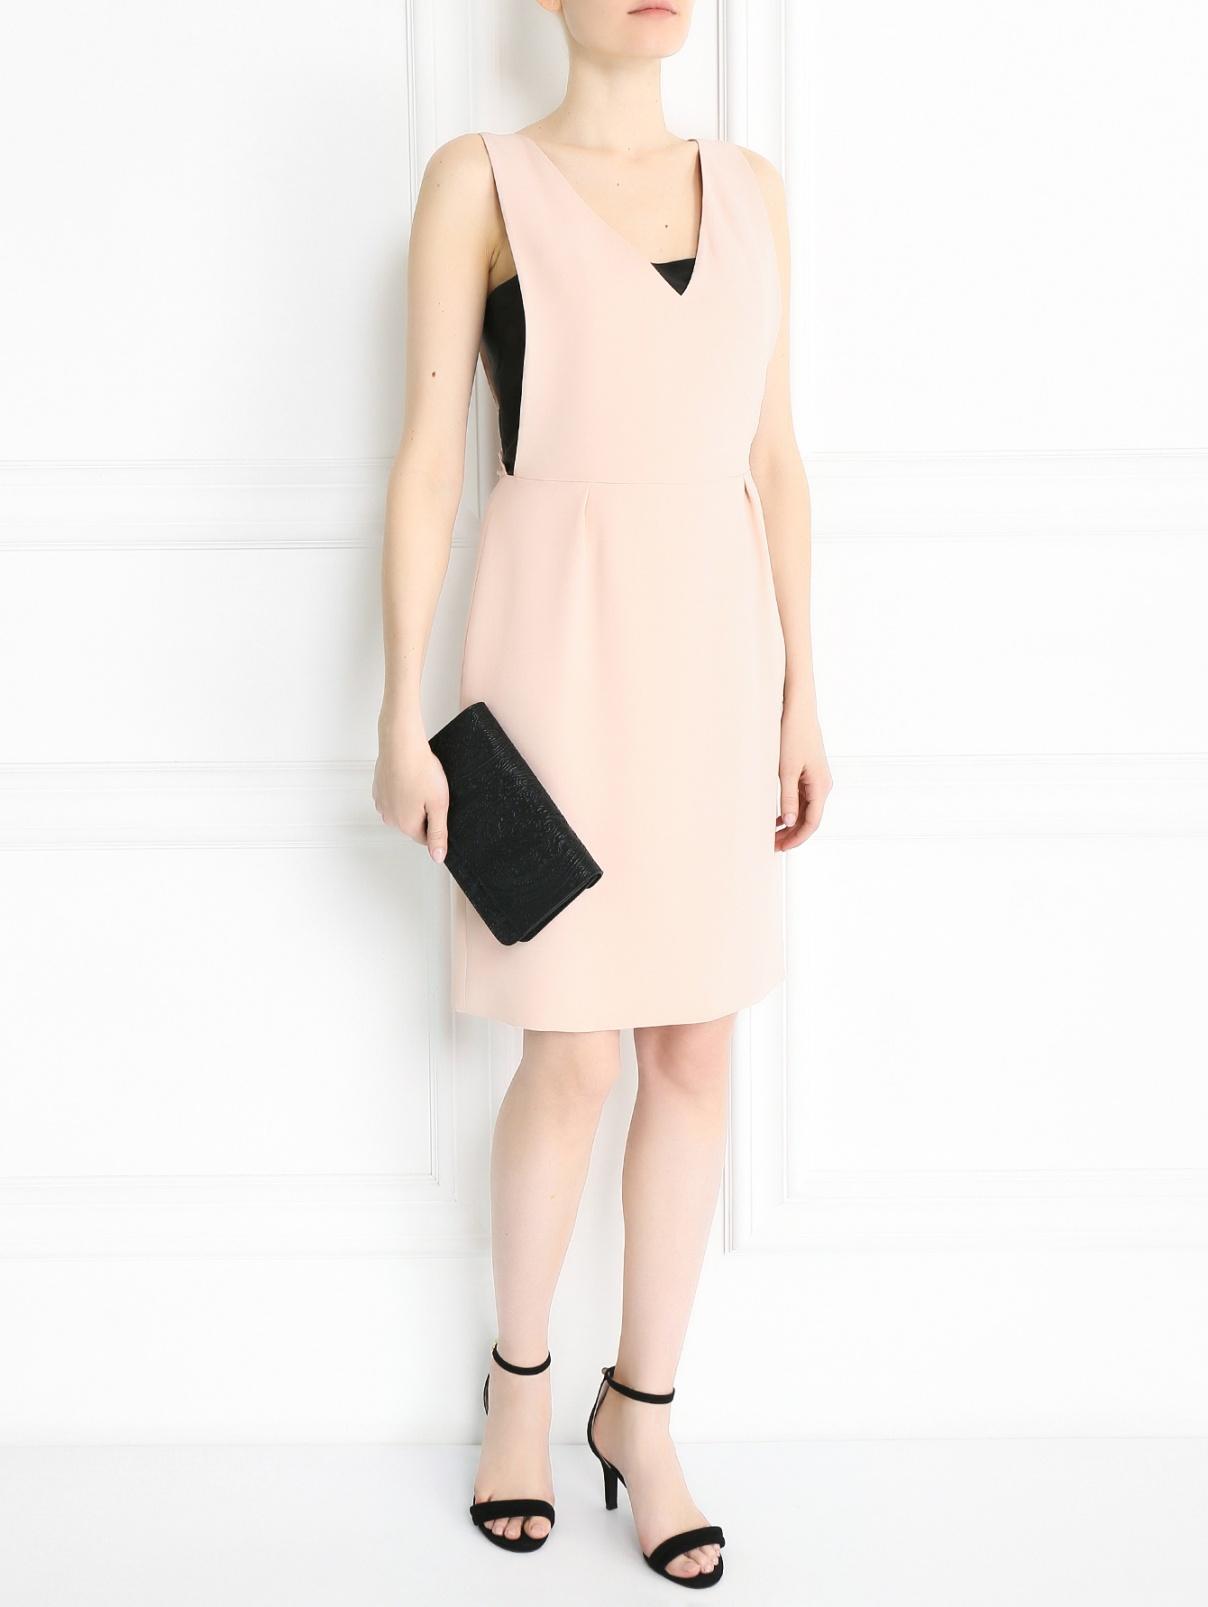 Платье-мини из шелка без рукавов Yves Salomon  –  Модель Общий вид  – Цвет:  Розовый